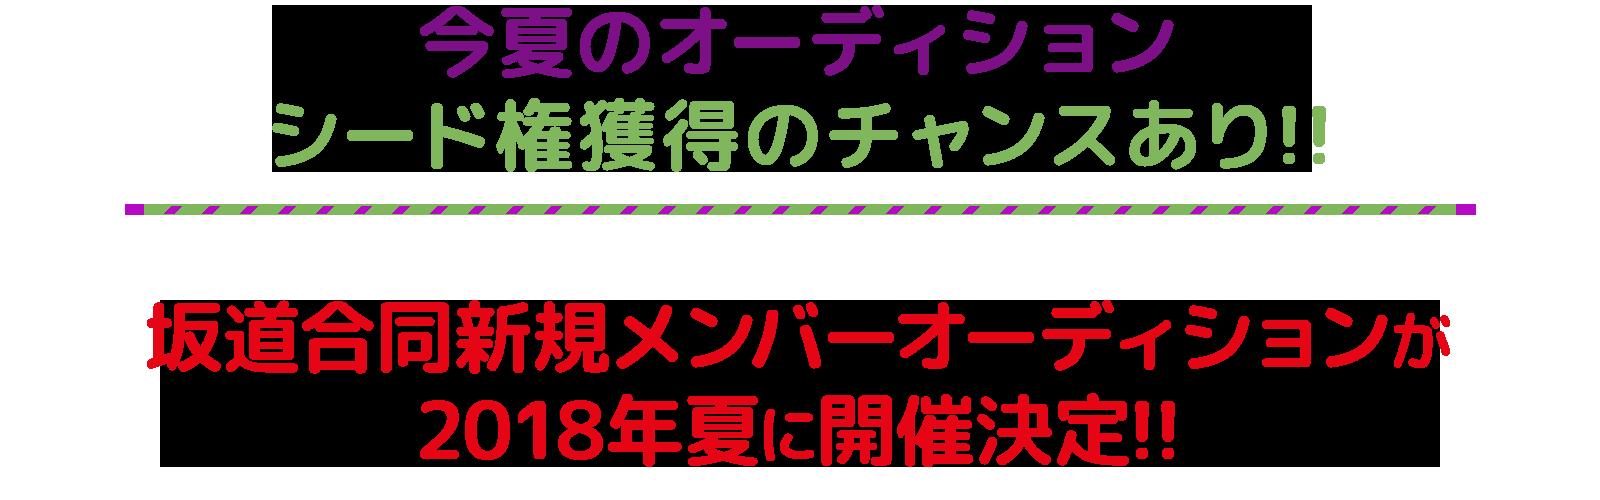 今夏のオーディション シード権獲得のチャンスあり!!